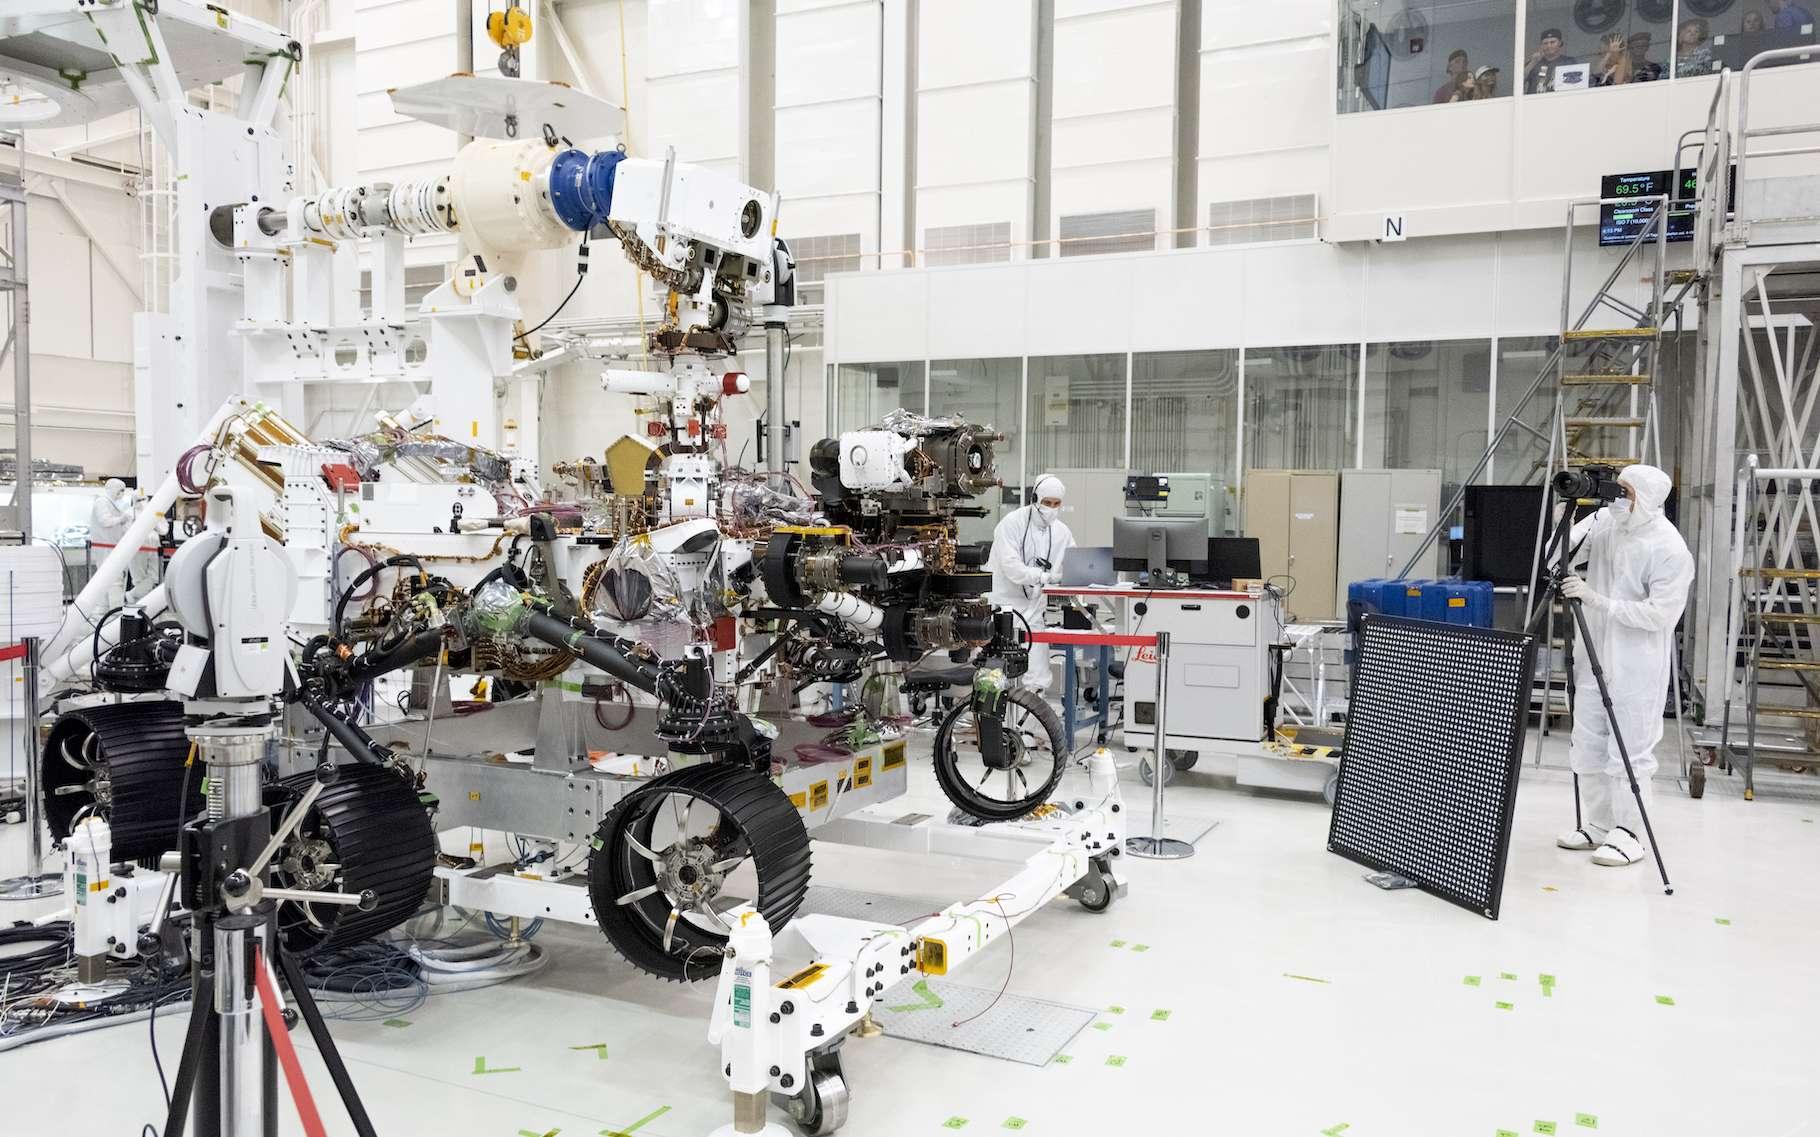 Avant son départ pour Mars, le rover de la Nasa, Perseverance, a subi une série de tests. Ici, les ingénieurs testent des caméras sur le haut du mât et le châssis avant du rover. © JPL-Caltech, Nasa